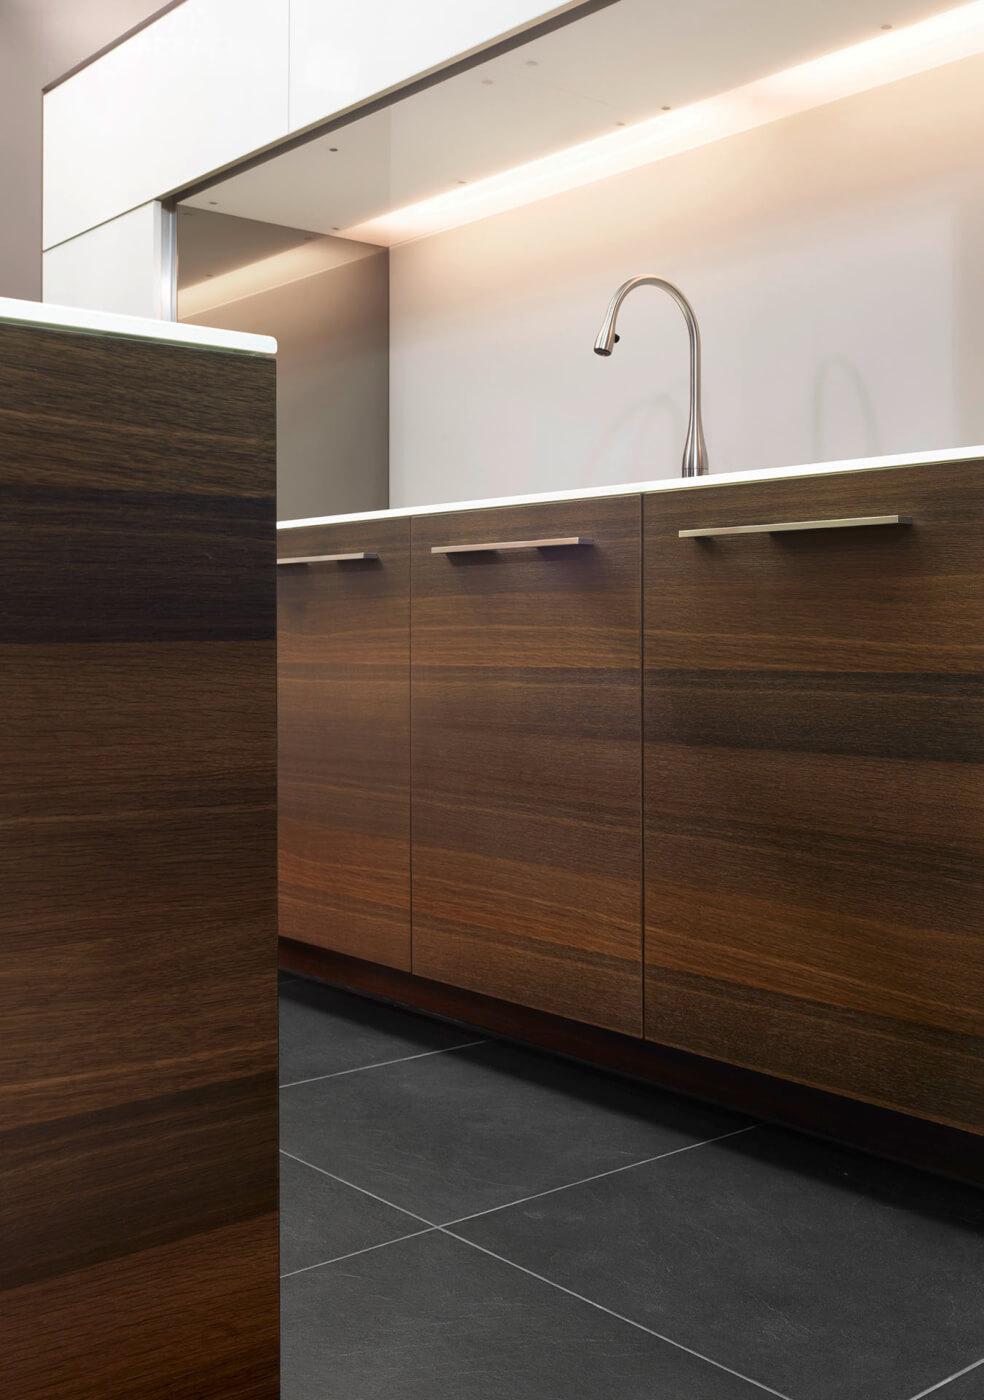 ligna elegance glasfront kombiniert mit echholzfurnier mn k chen von movanorm. Black Bedroom Furniture Sets. Home Design Ideas